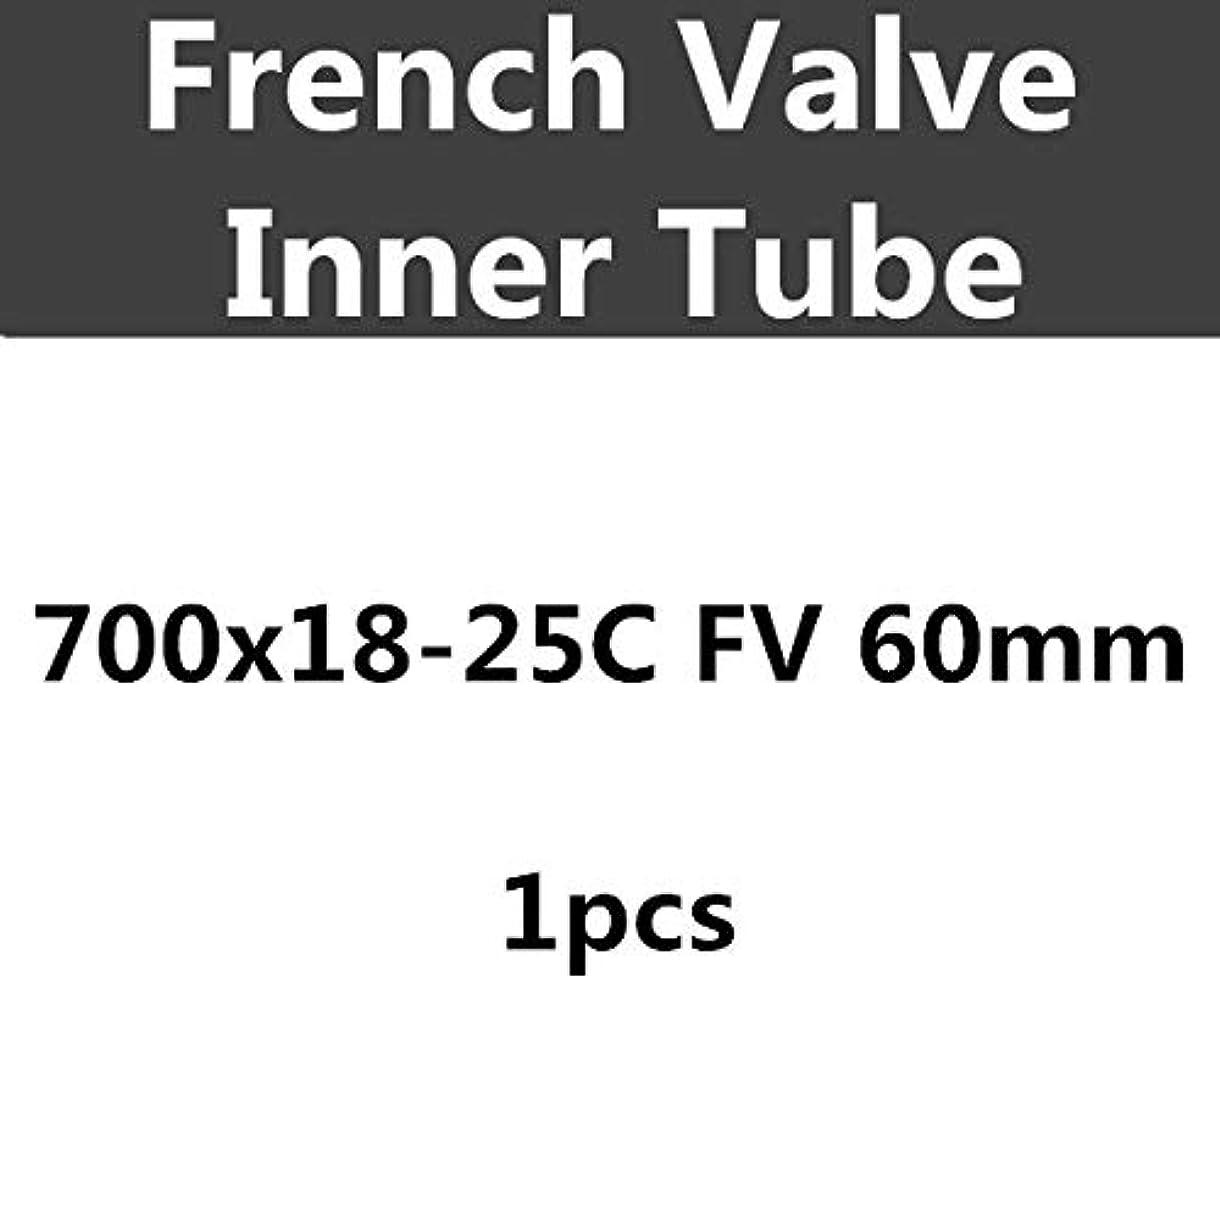 Propenary - Bicycle Inner Tube Road/BMX Bike Tires Inner Tyre 700*18 26/27.5/29*1.75-2.125 American/Presta Schrader Valve Bike Tube Tire [ 700 FV 60mm ]